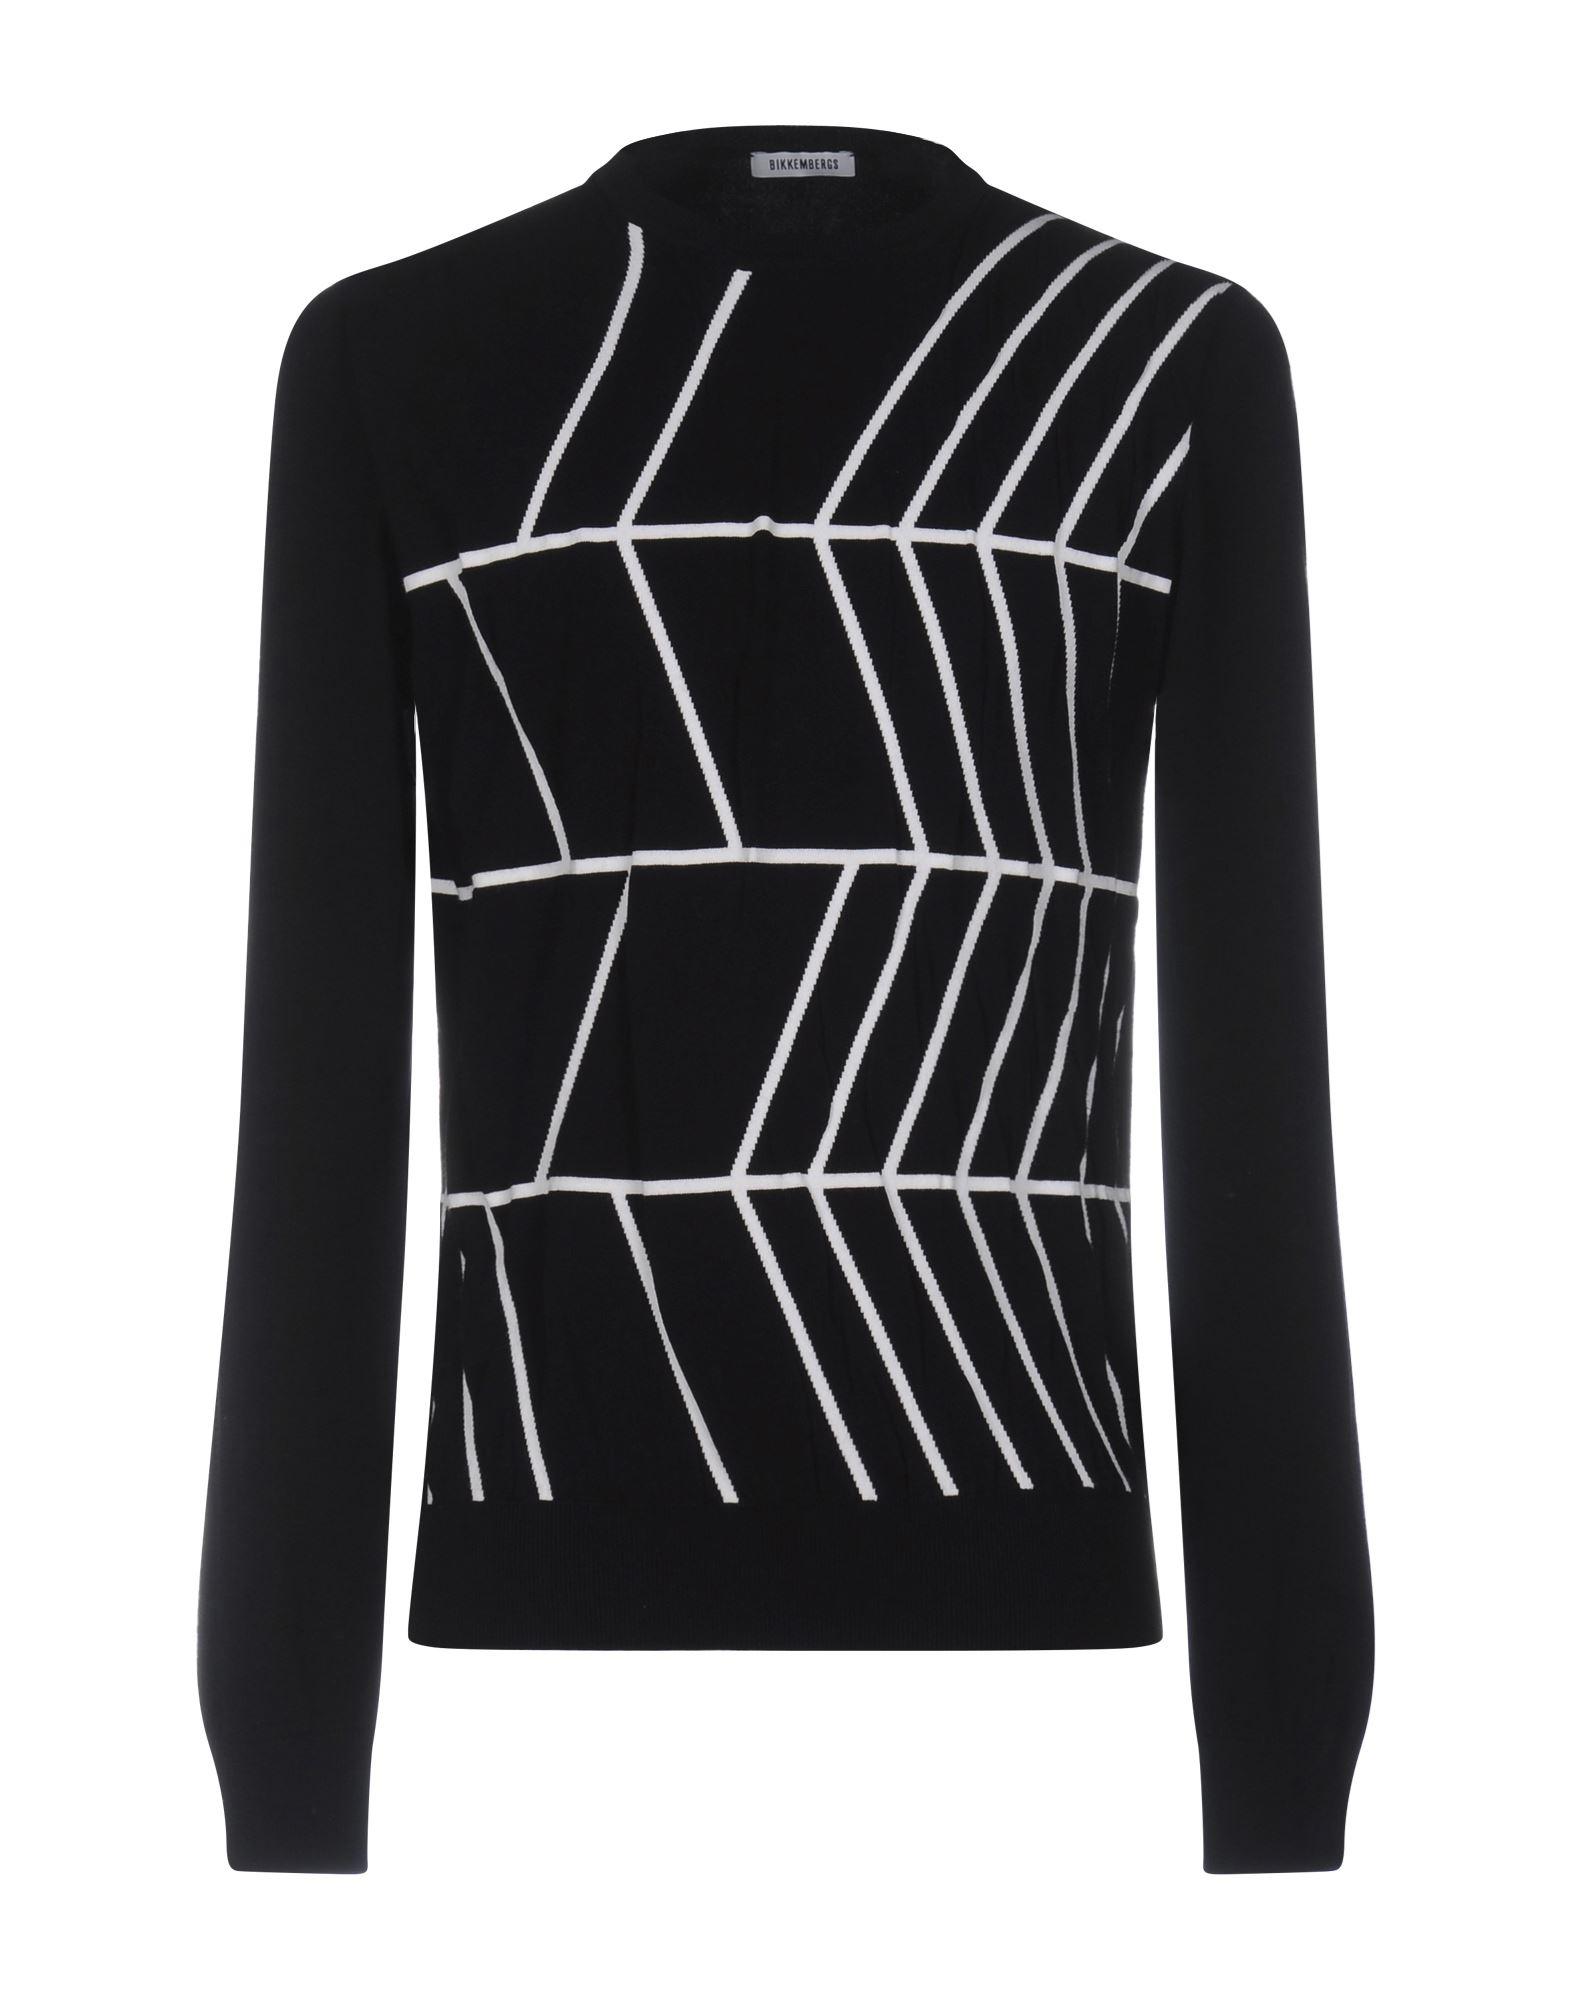 BIKKEMBERGS Herren Pullover Farbe Schwarz Größe 8